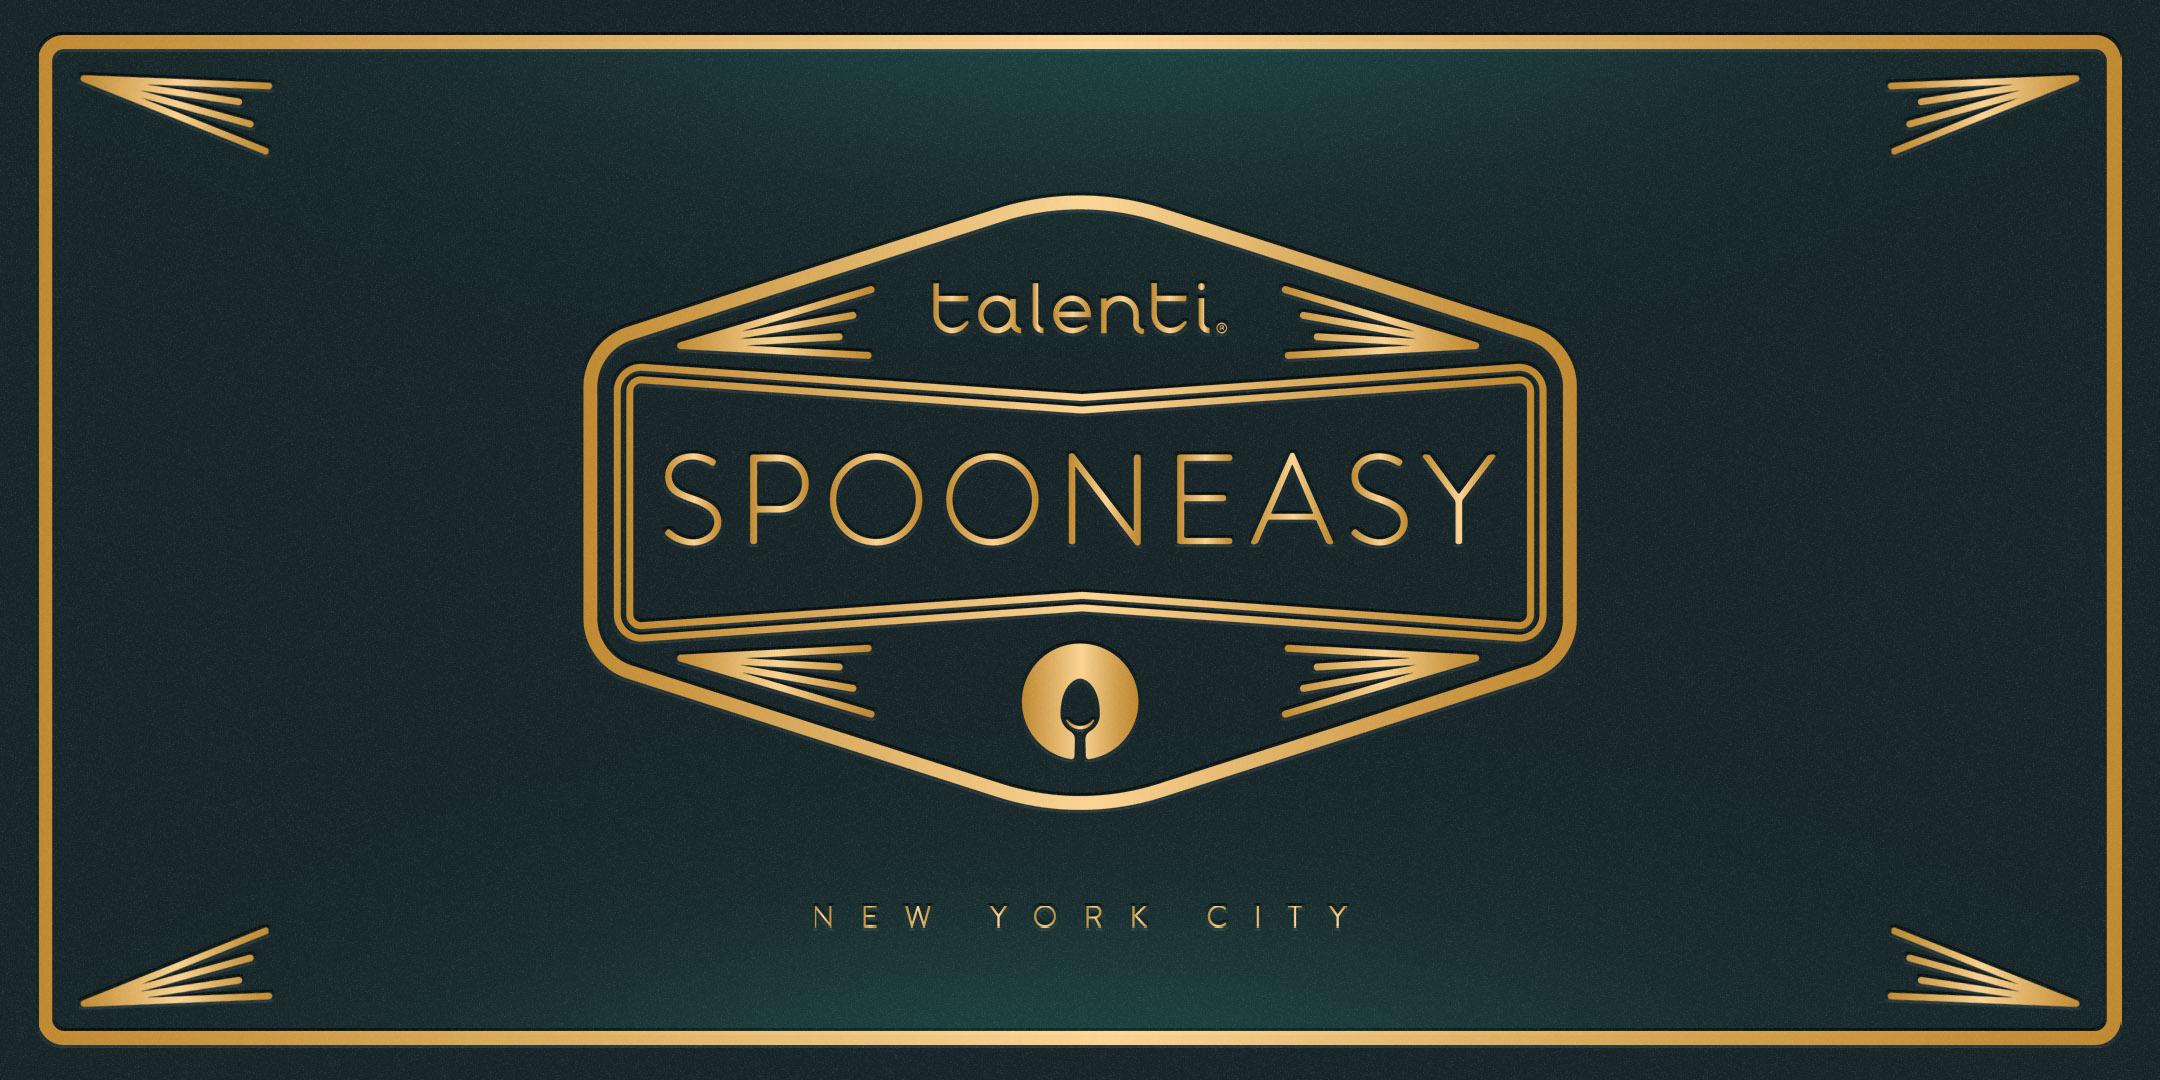 Talenti_Spooneasy_EventbriteHeader_1.jpg